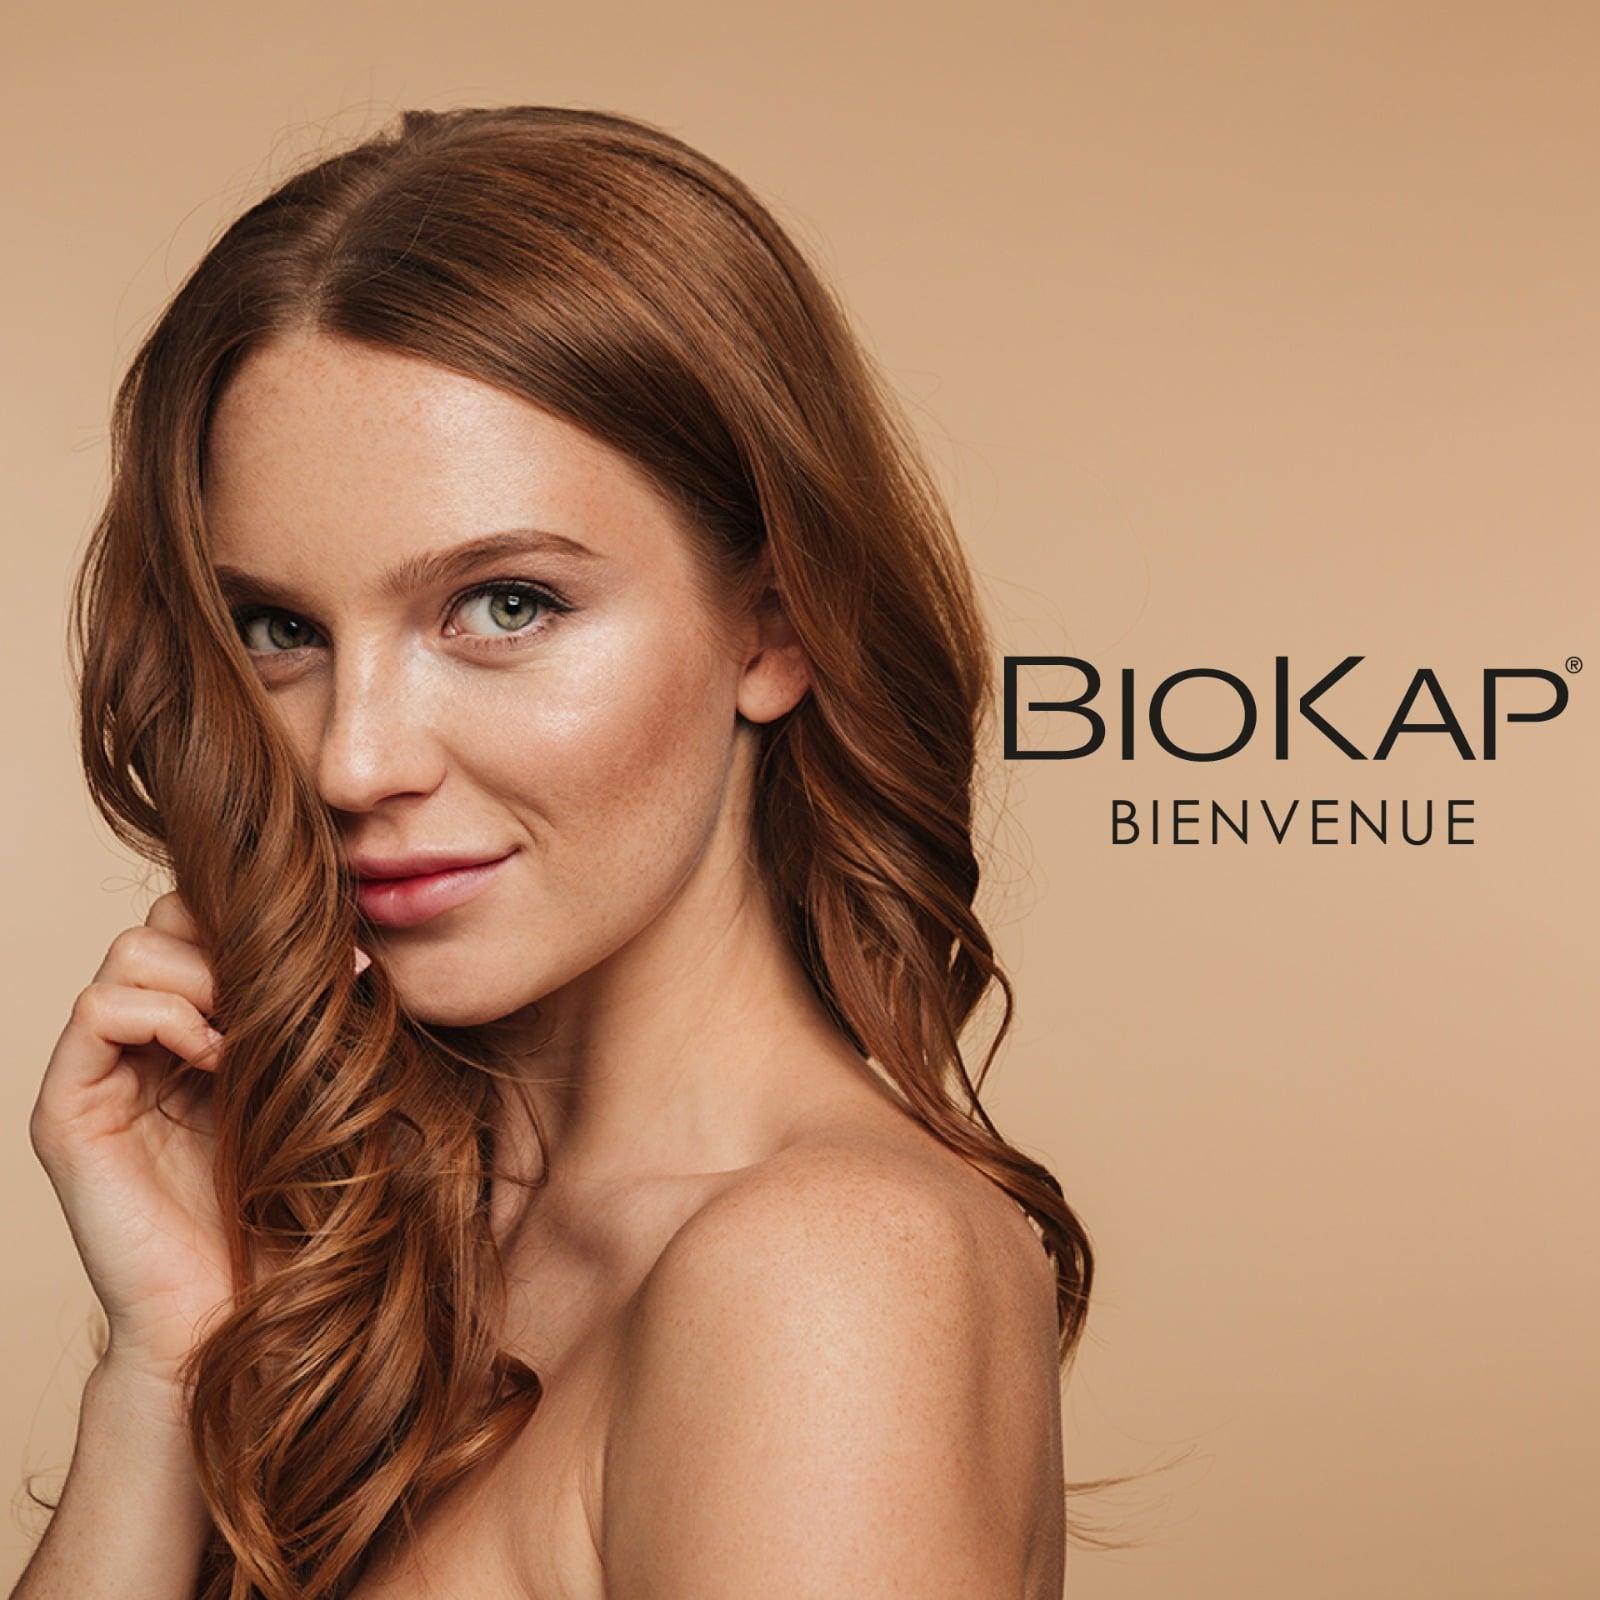 BioKap : coloration naturelle, produits antichute de cheveux naturels, shampoings naturels, shampoings bio, soins pour cheveux